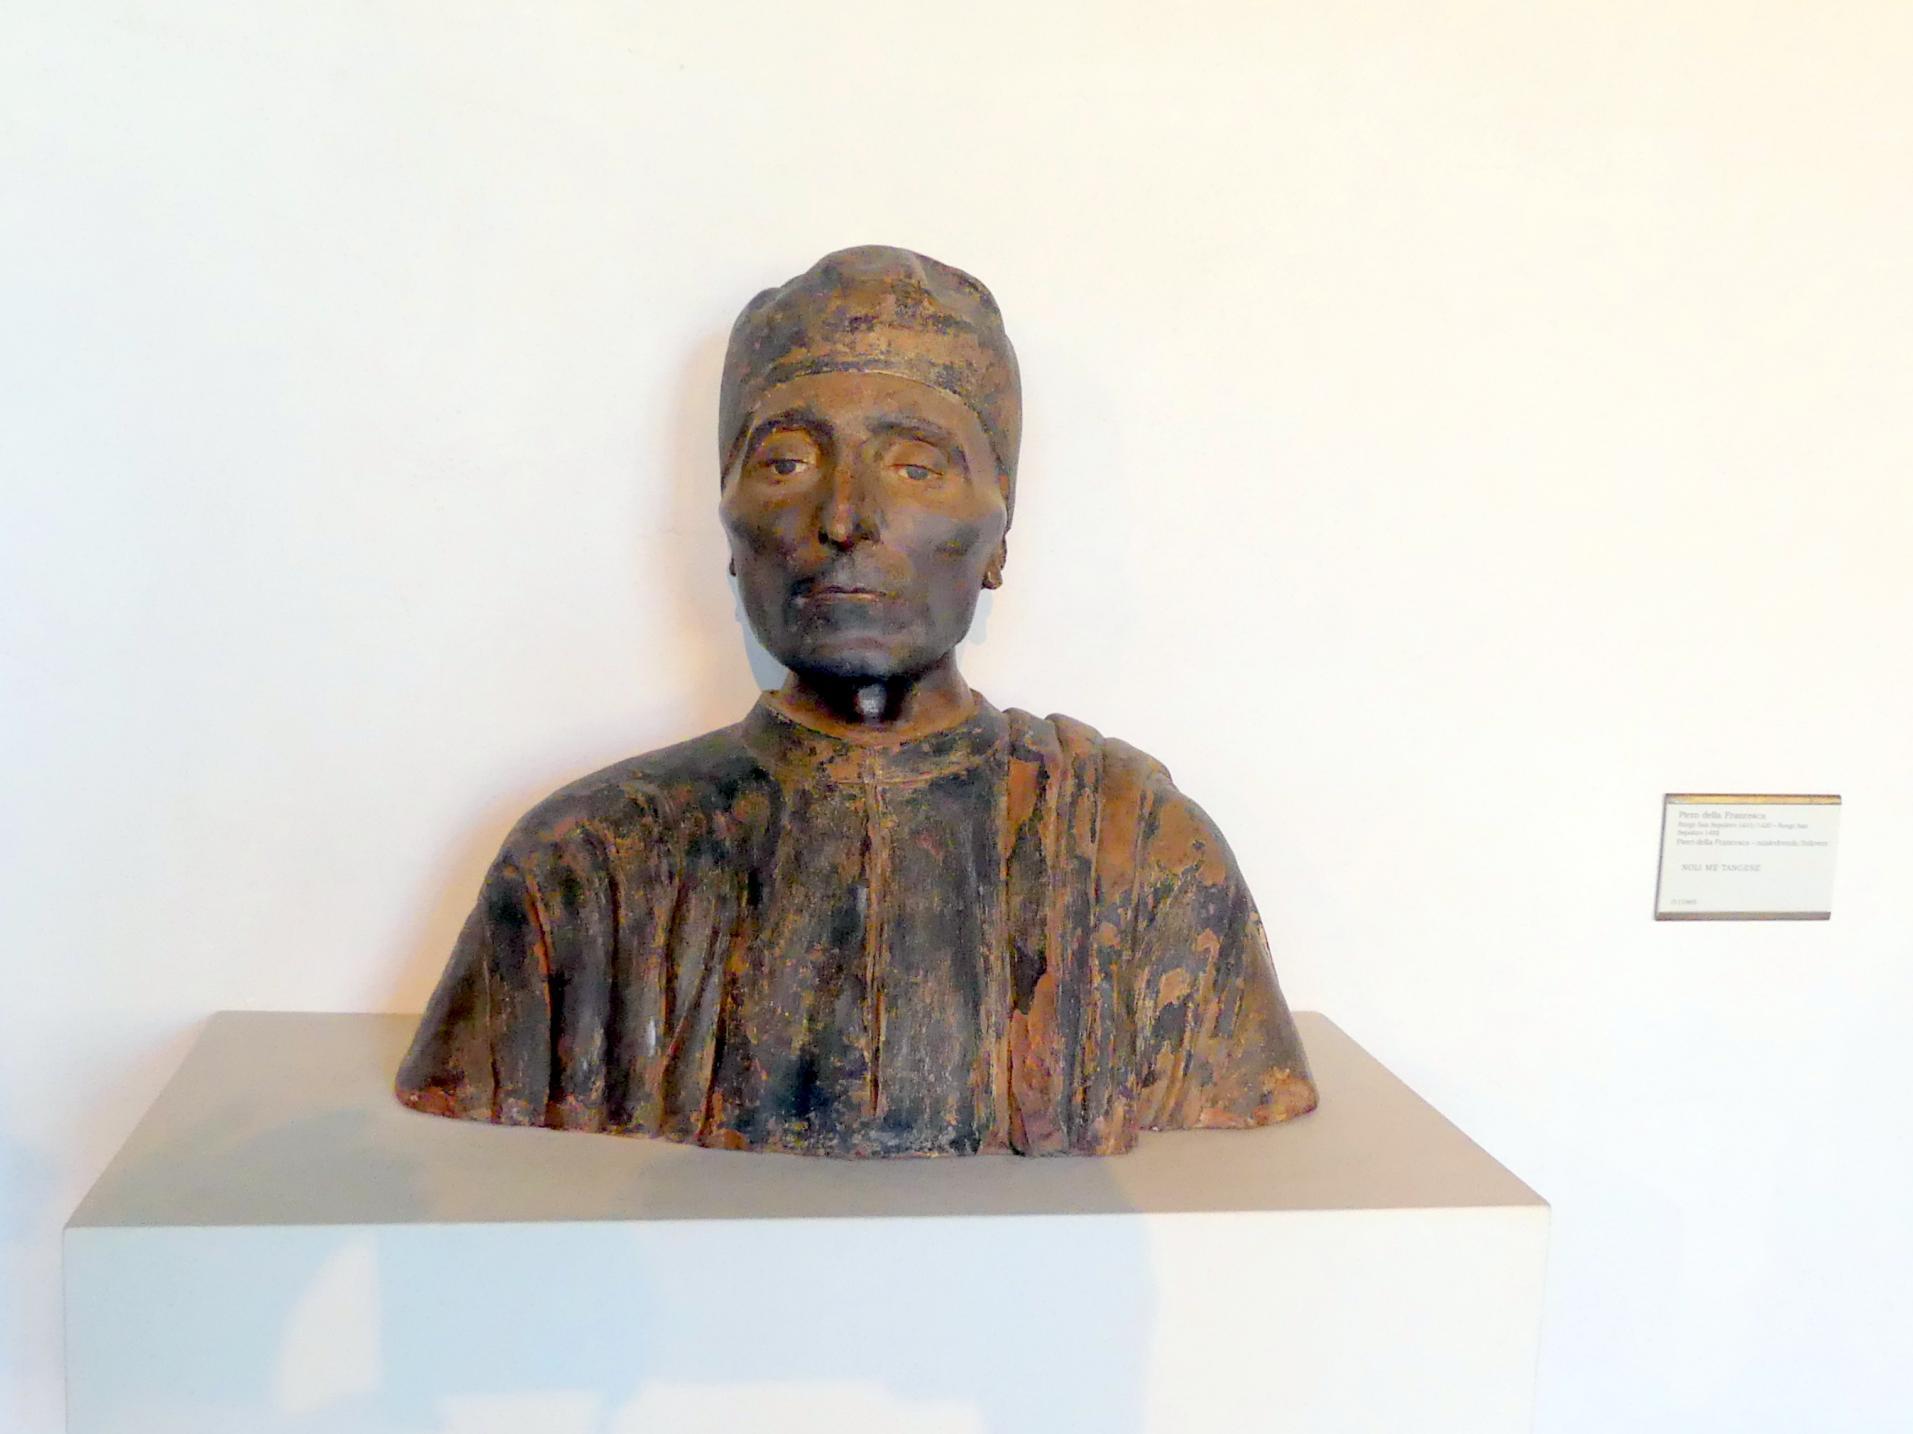 Portrait eines Mannes, Um 1460 - 1490